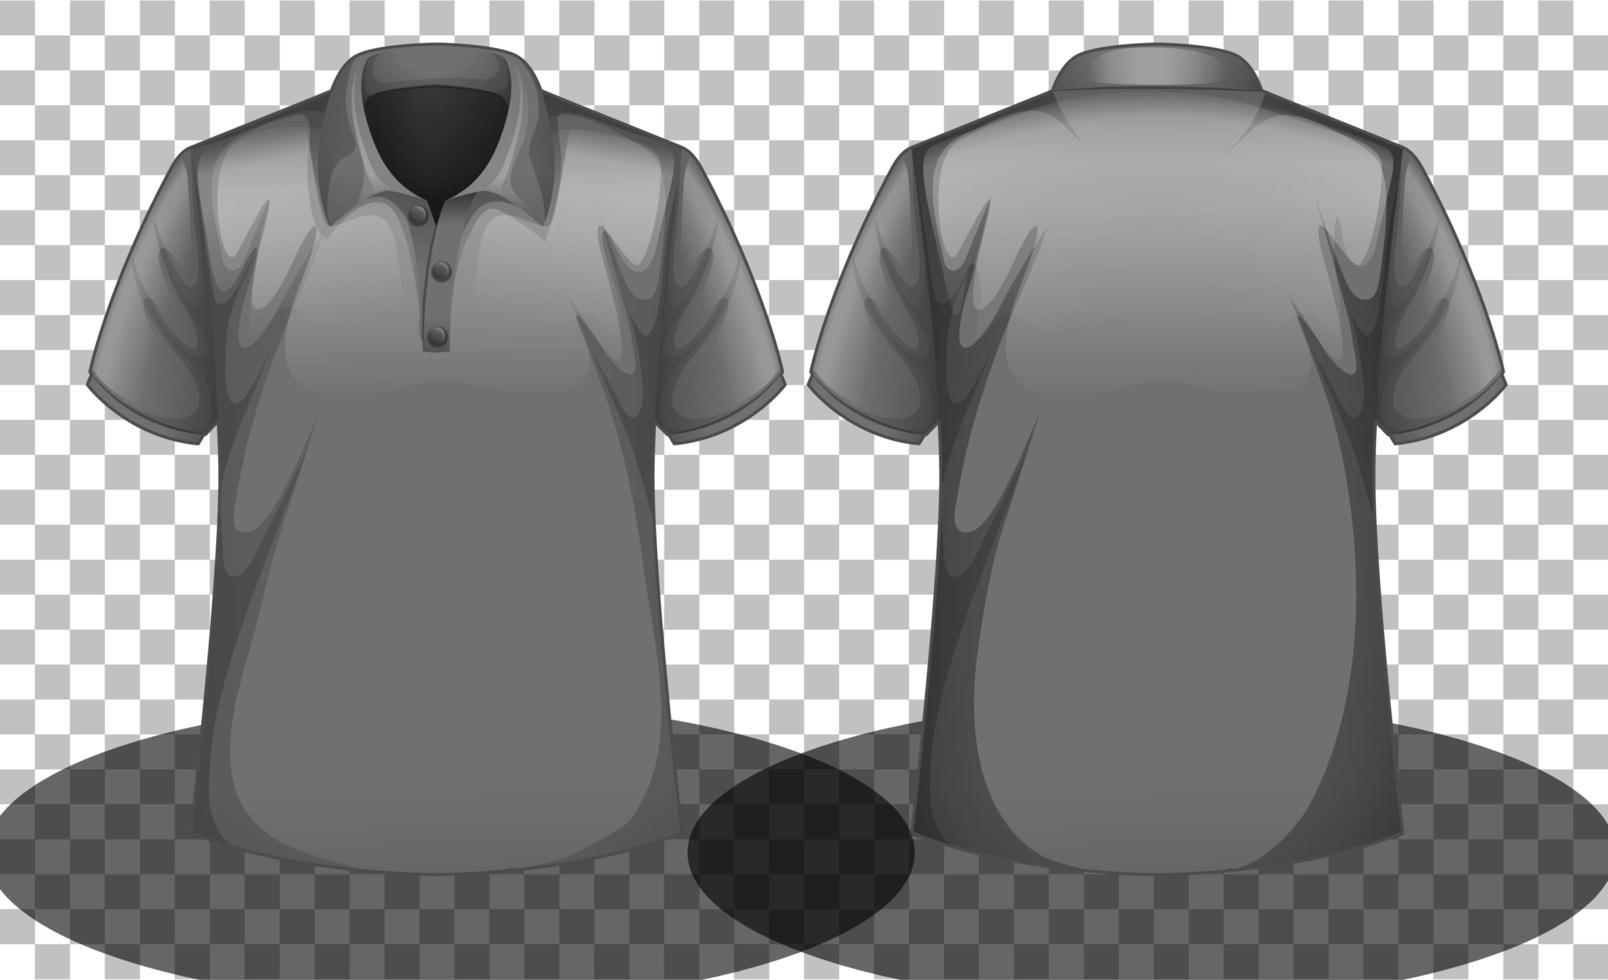 graues Poloshirt-Modell mit Vorder- und Rückseite vektor